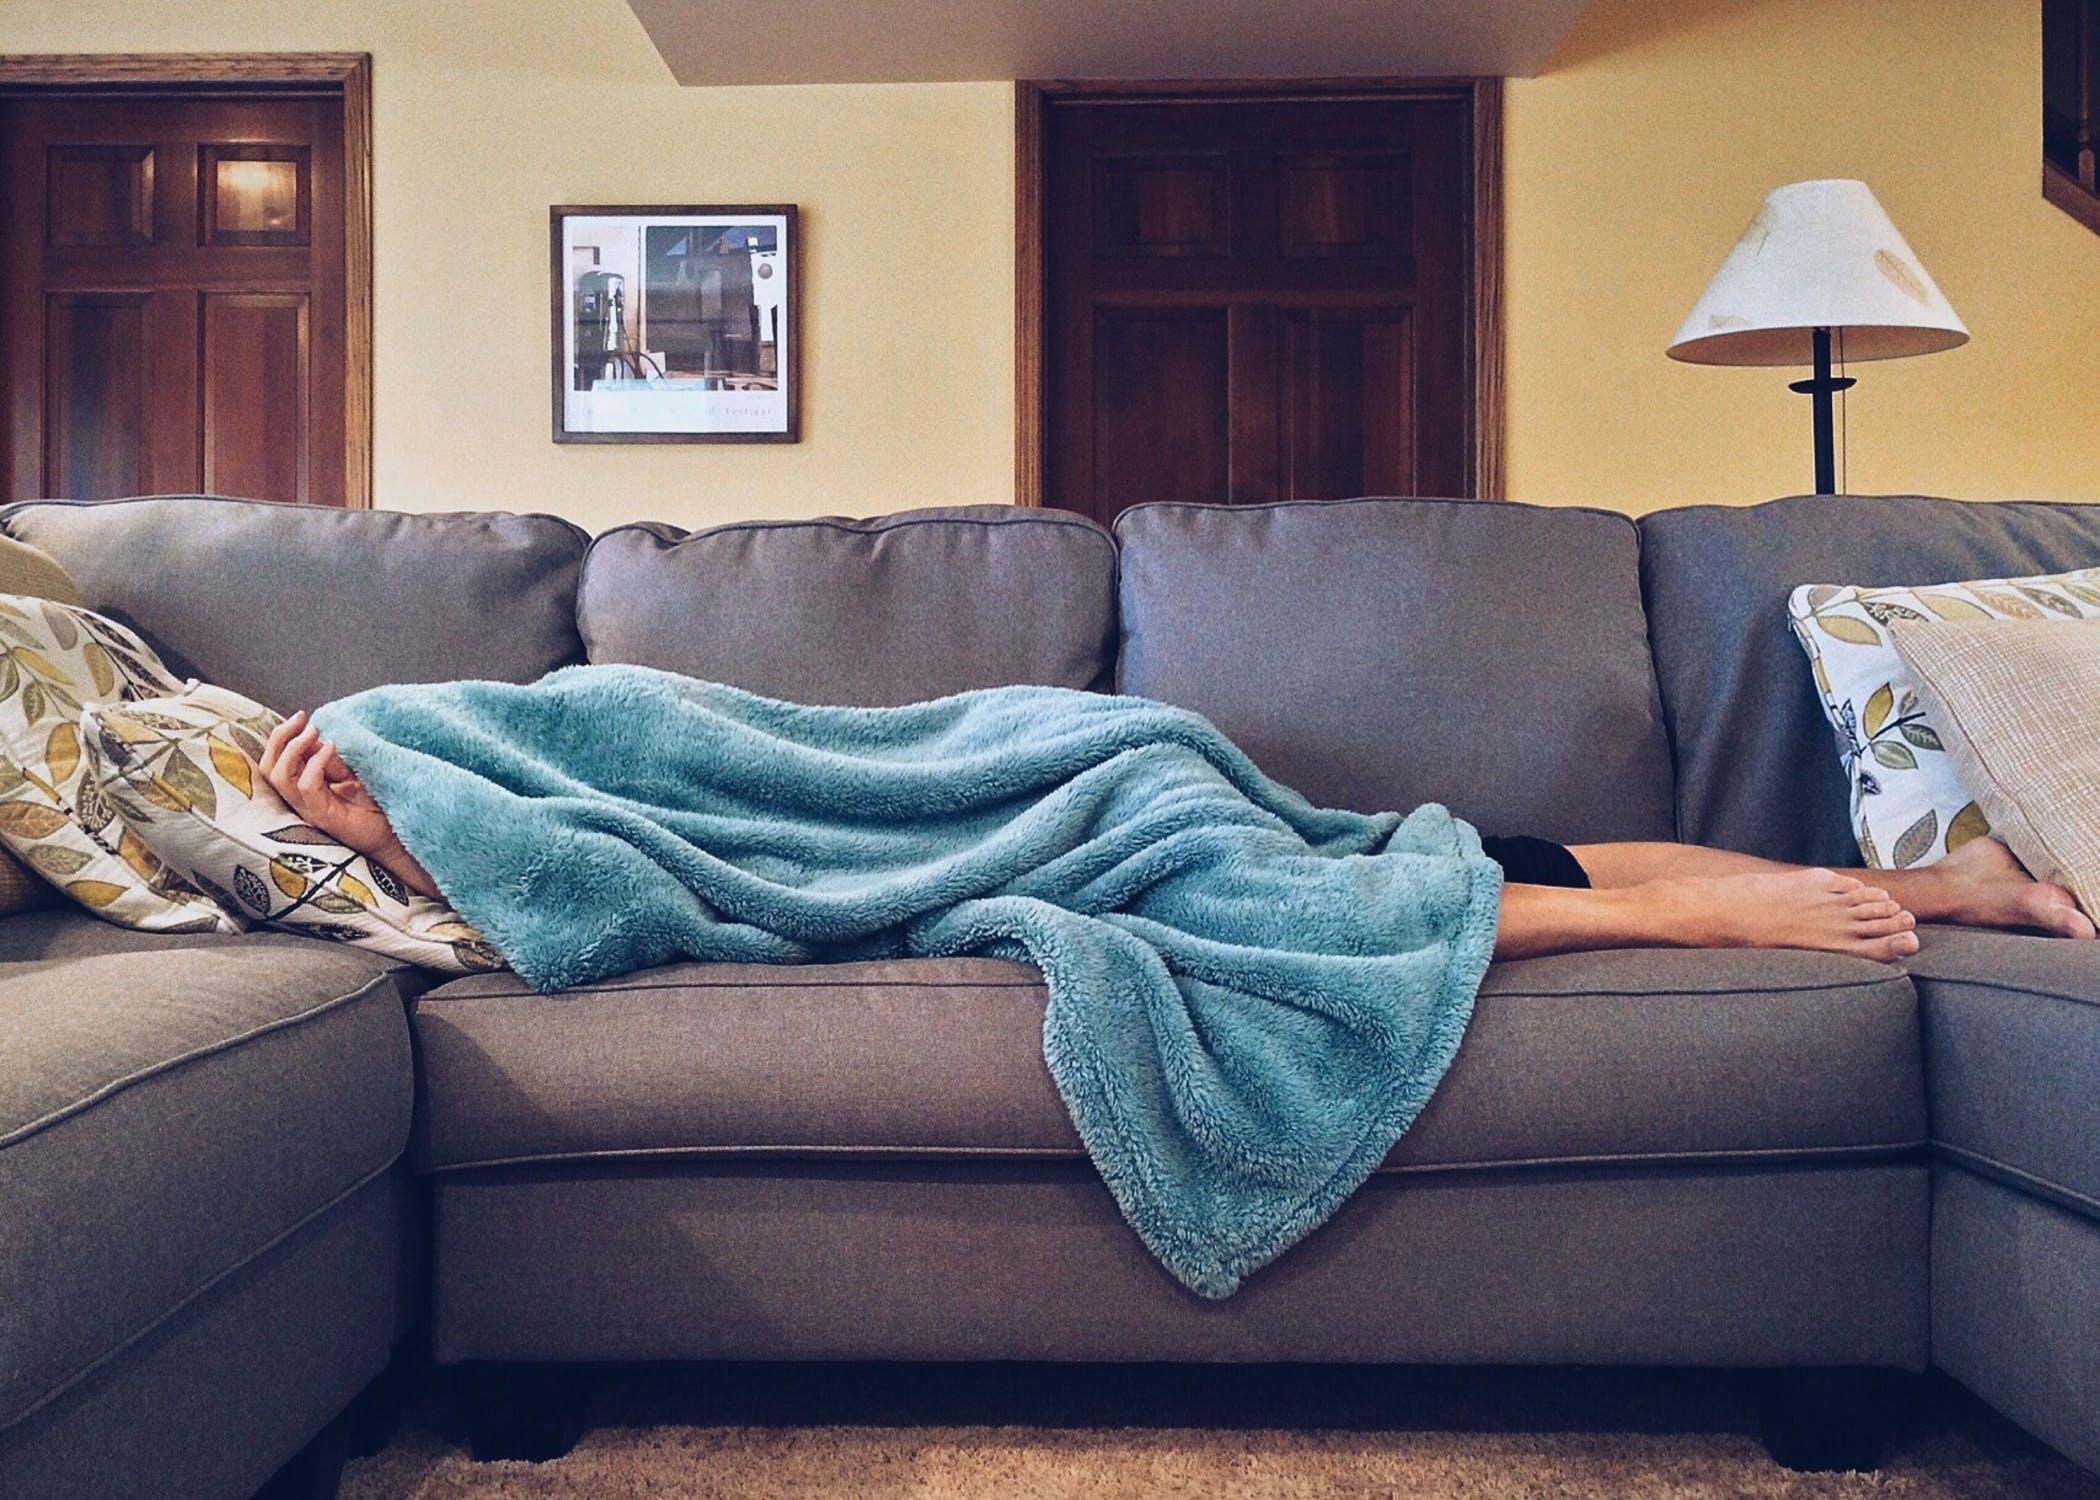 जेव्हा आपण झोपतो तेव्हा आपल्या शरीरातील स्नायूंची दुरुस्ती होतं असते. पण जर आपण कमी झोपलो तर आपले स्नायू व्यवस्थित रिपेअर होत नाहीत. त्यामुळे शरीराला सगळ्यात महत्त्वाची आहे ती म्हणजे पूर्ण आणि व्यवस्थित झोप.